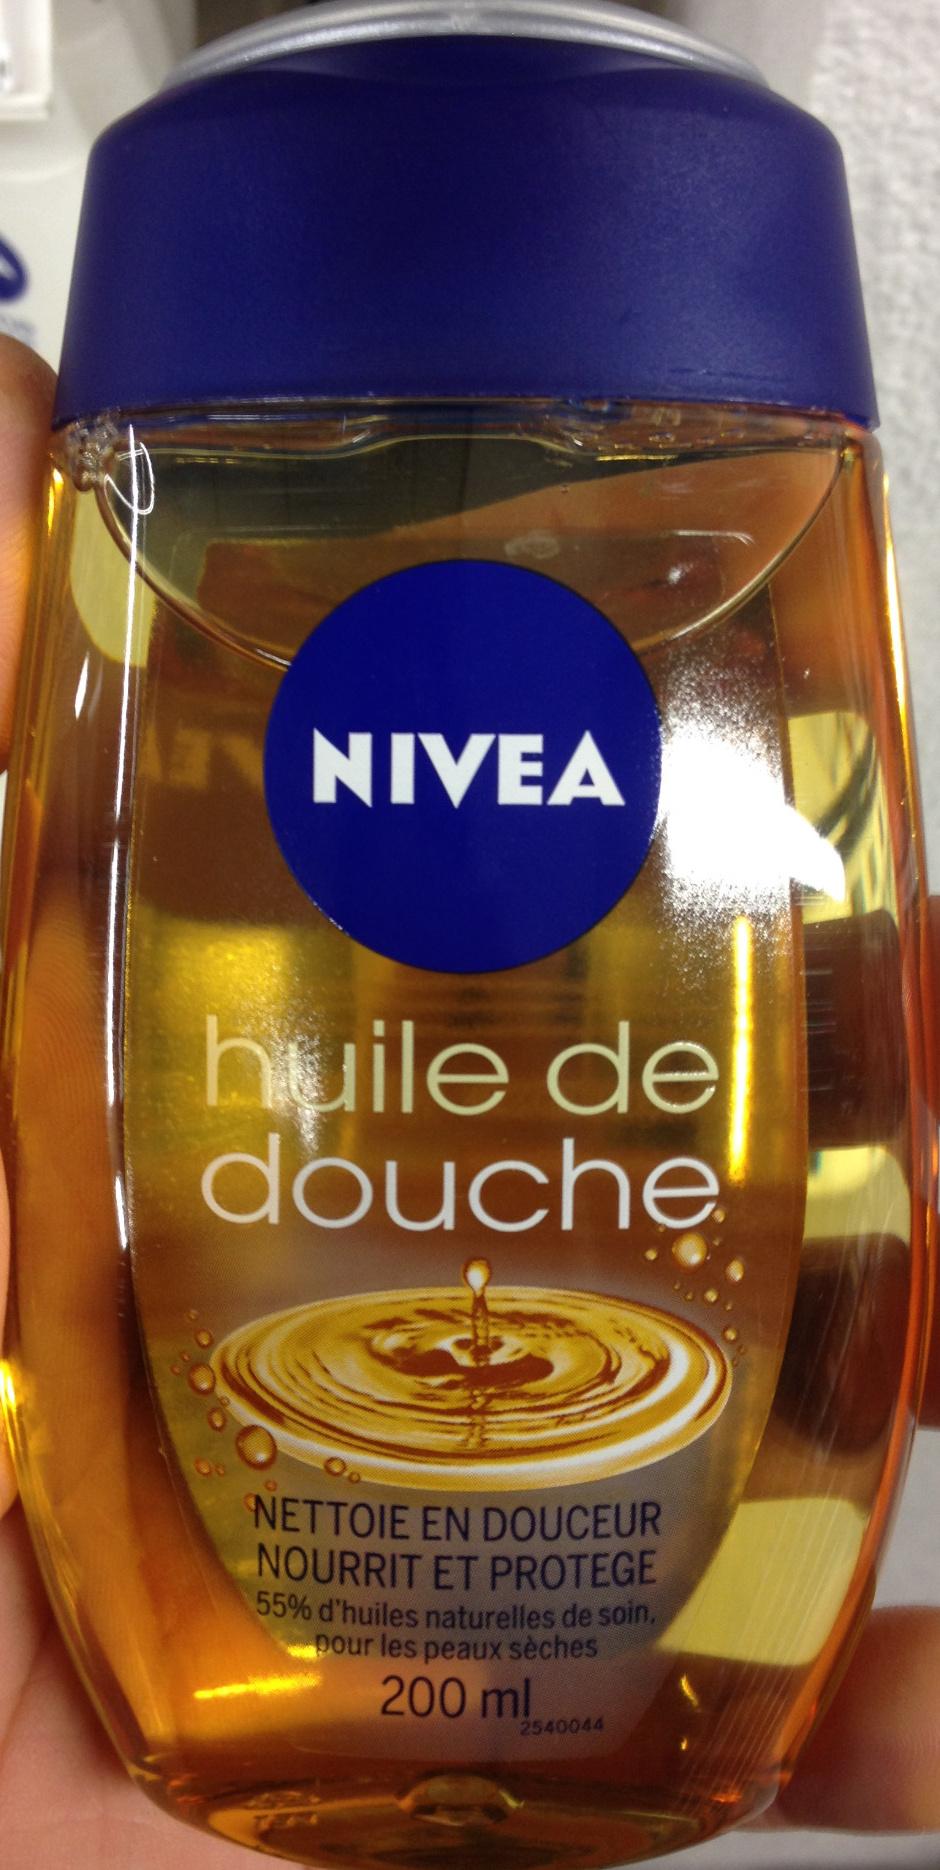 Huile de douche - Product